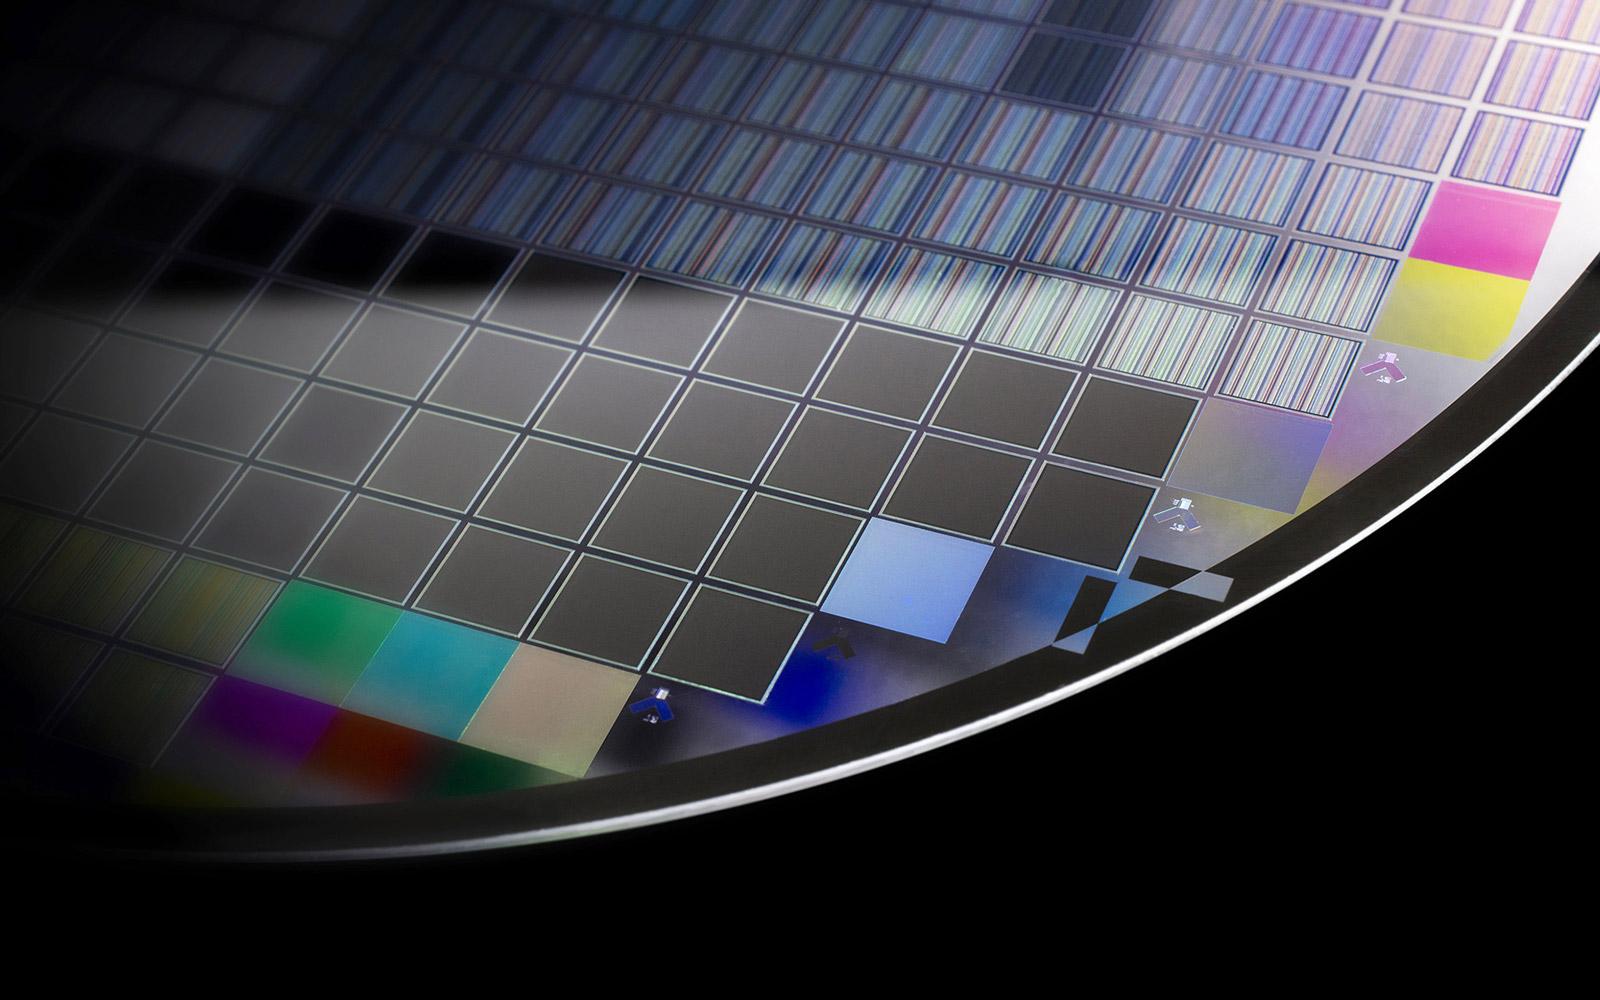 Mikrostrukturierte optische Schichten